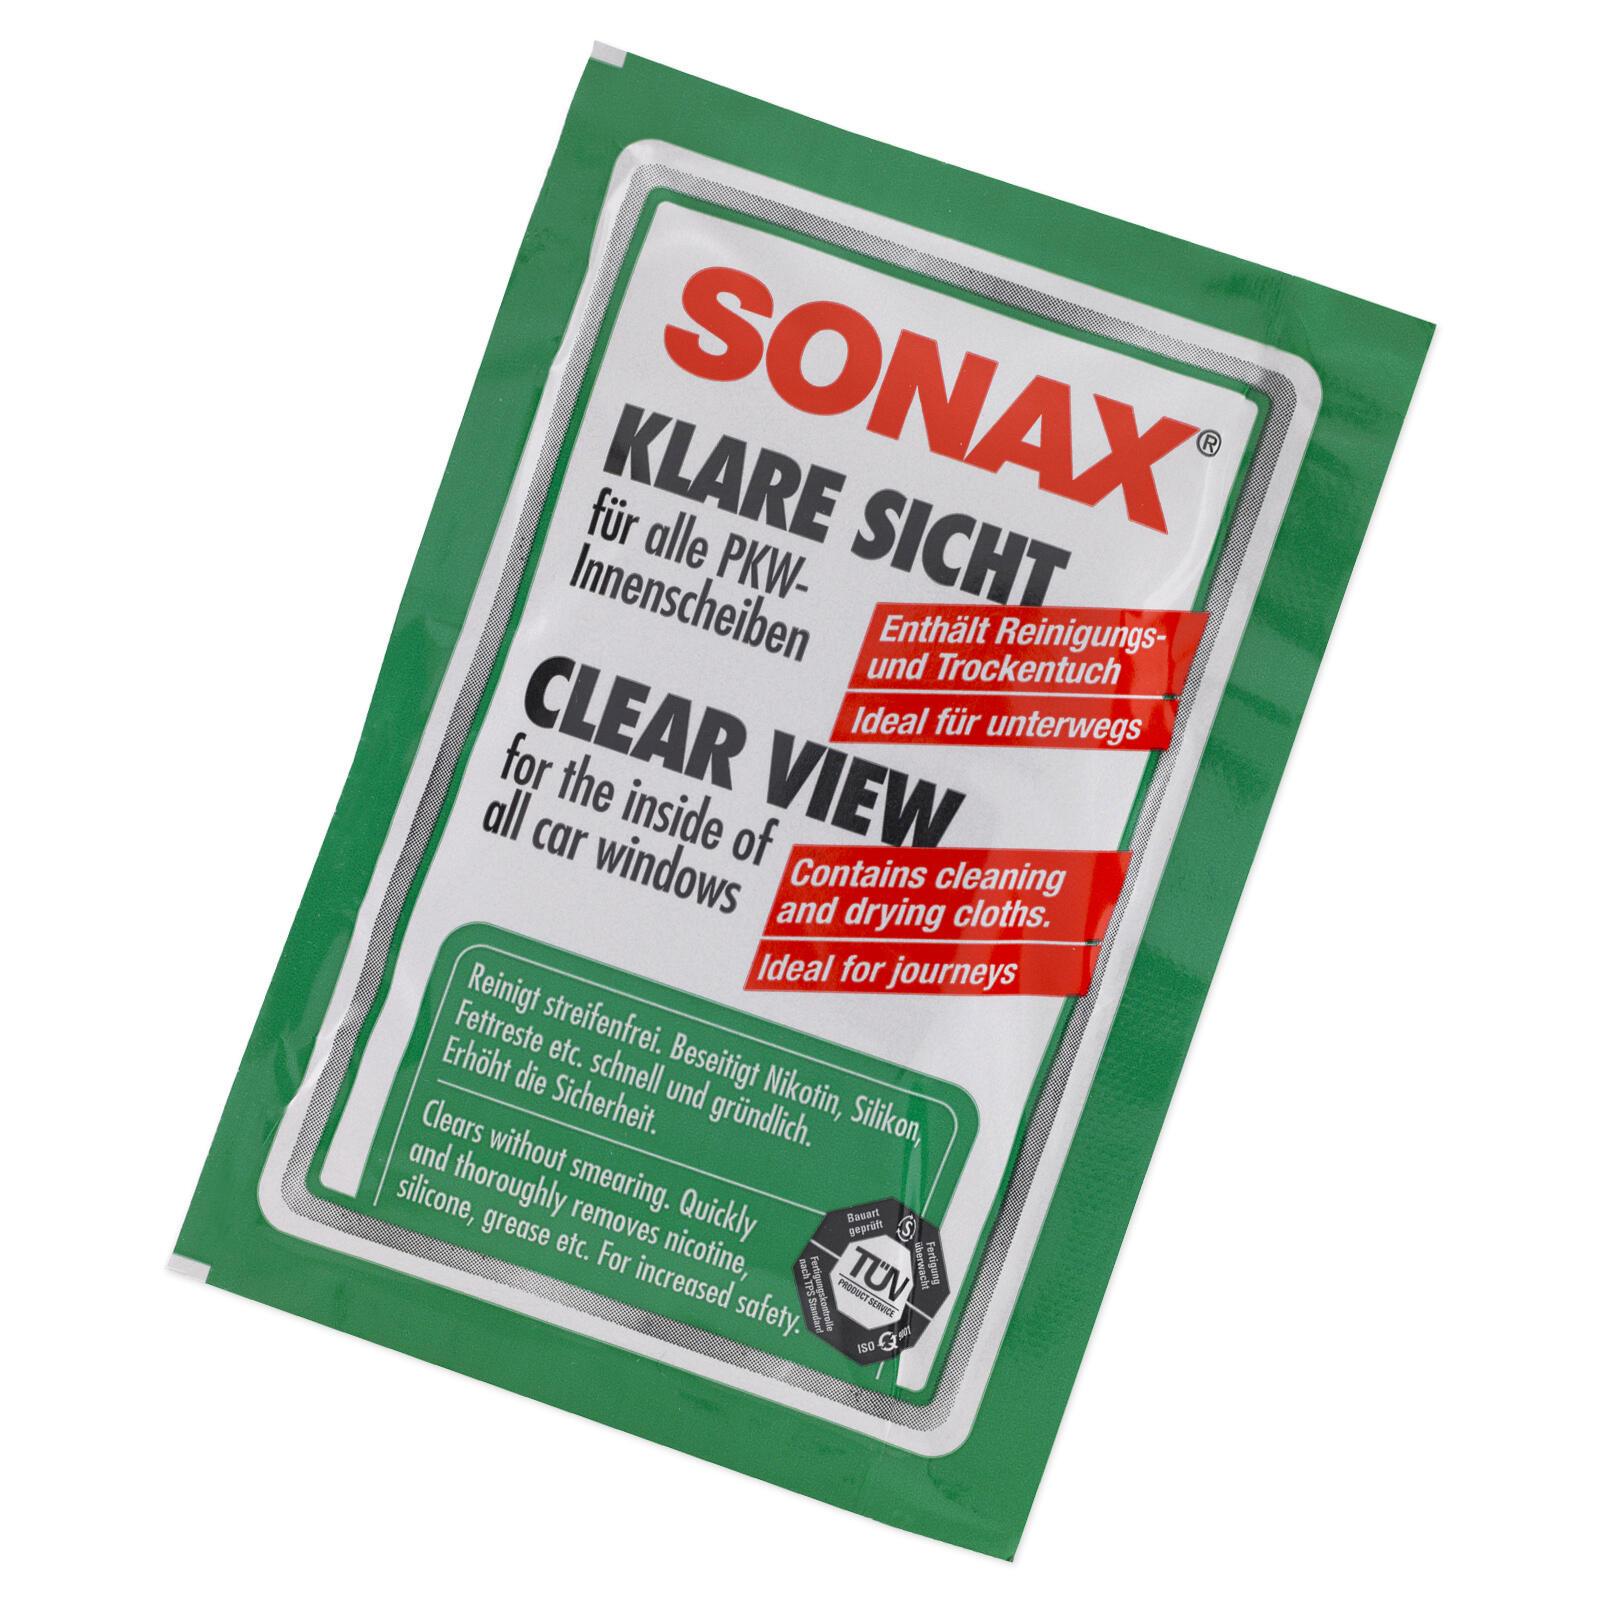 SONAX Klare Sicht Doppeltuch 40Stk.